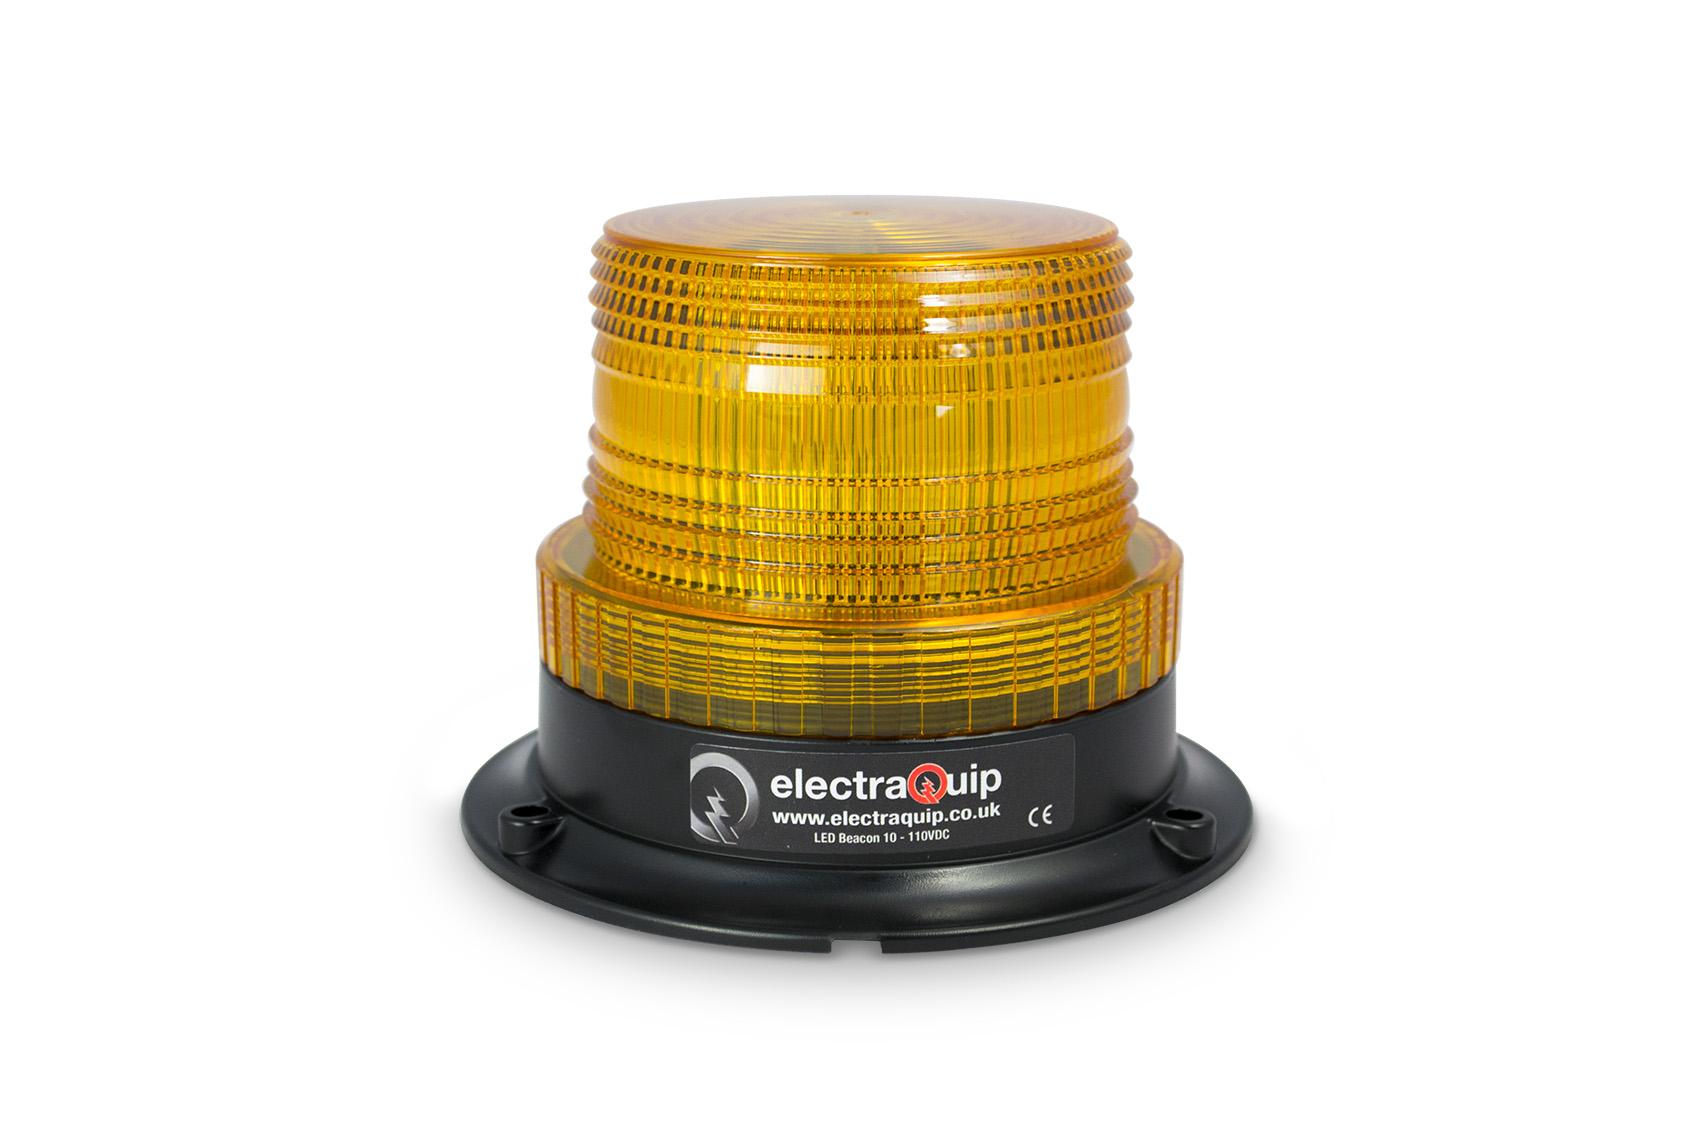 LED Compact Warning Beacons